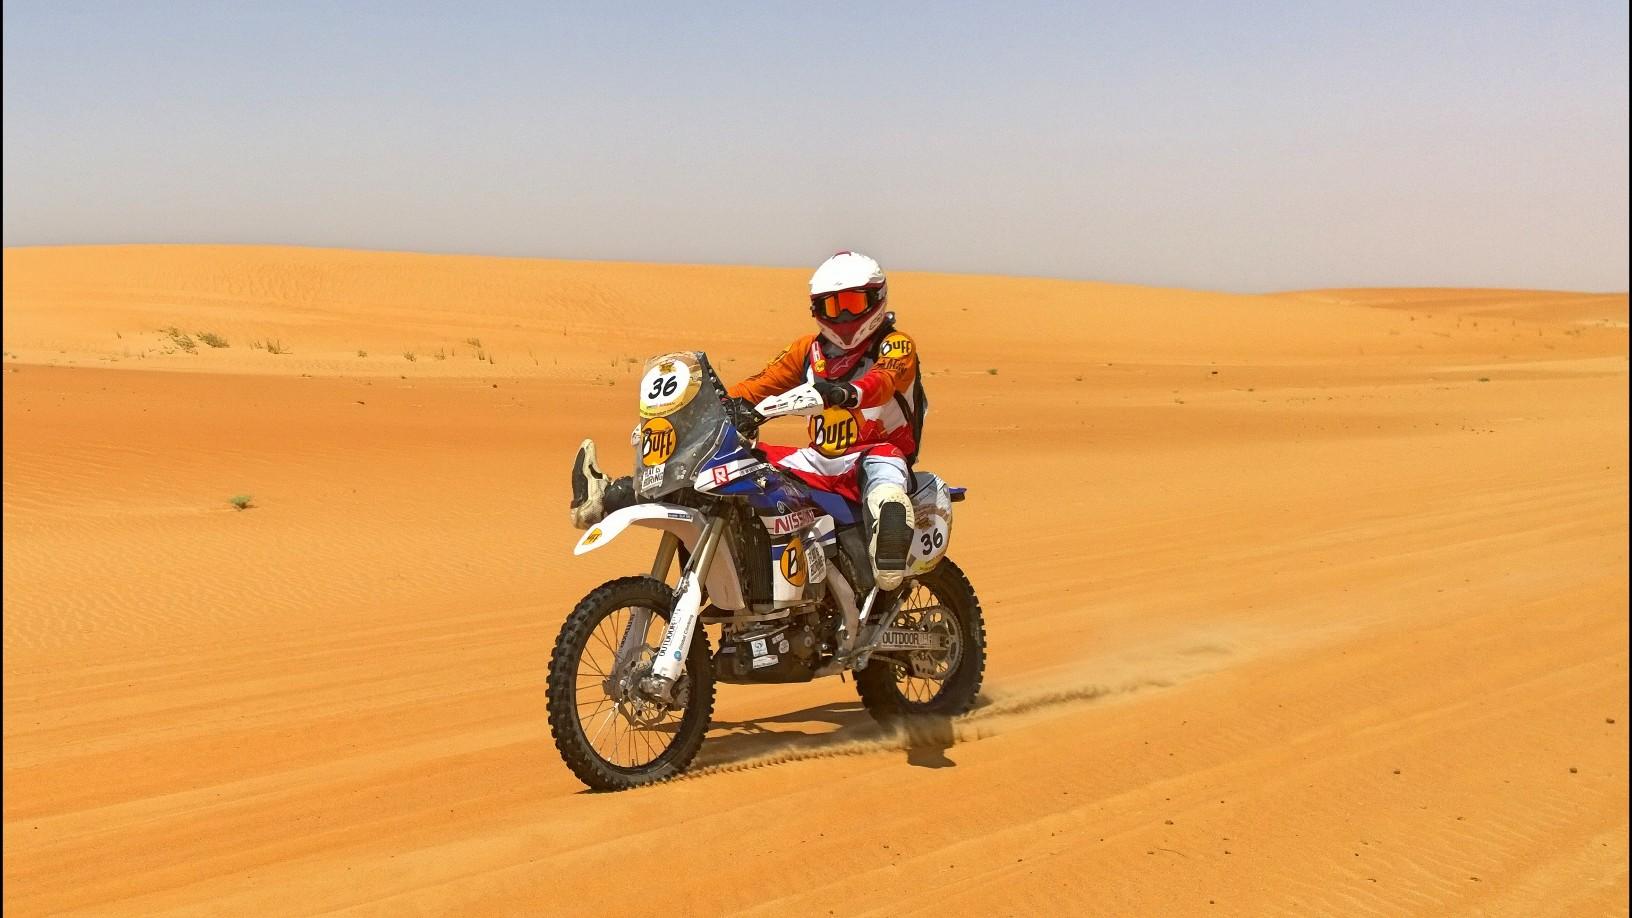 Abu Dhabi Desert Challenge 2015 Yamaha WR450F Rally 20